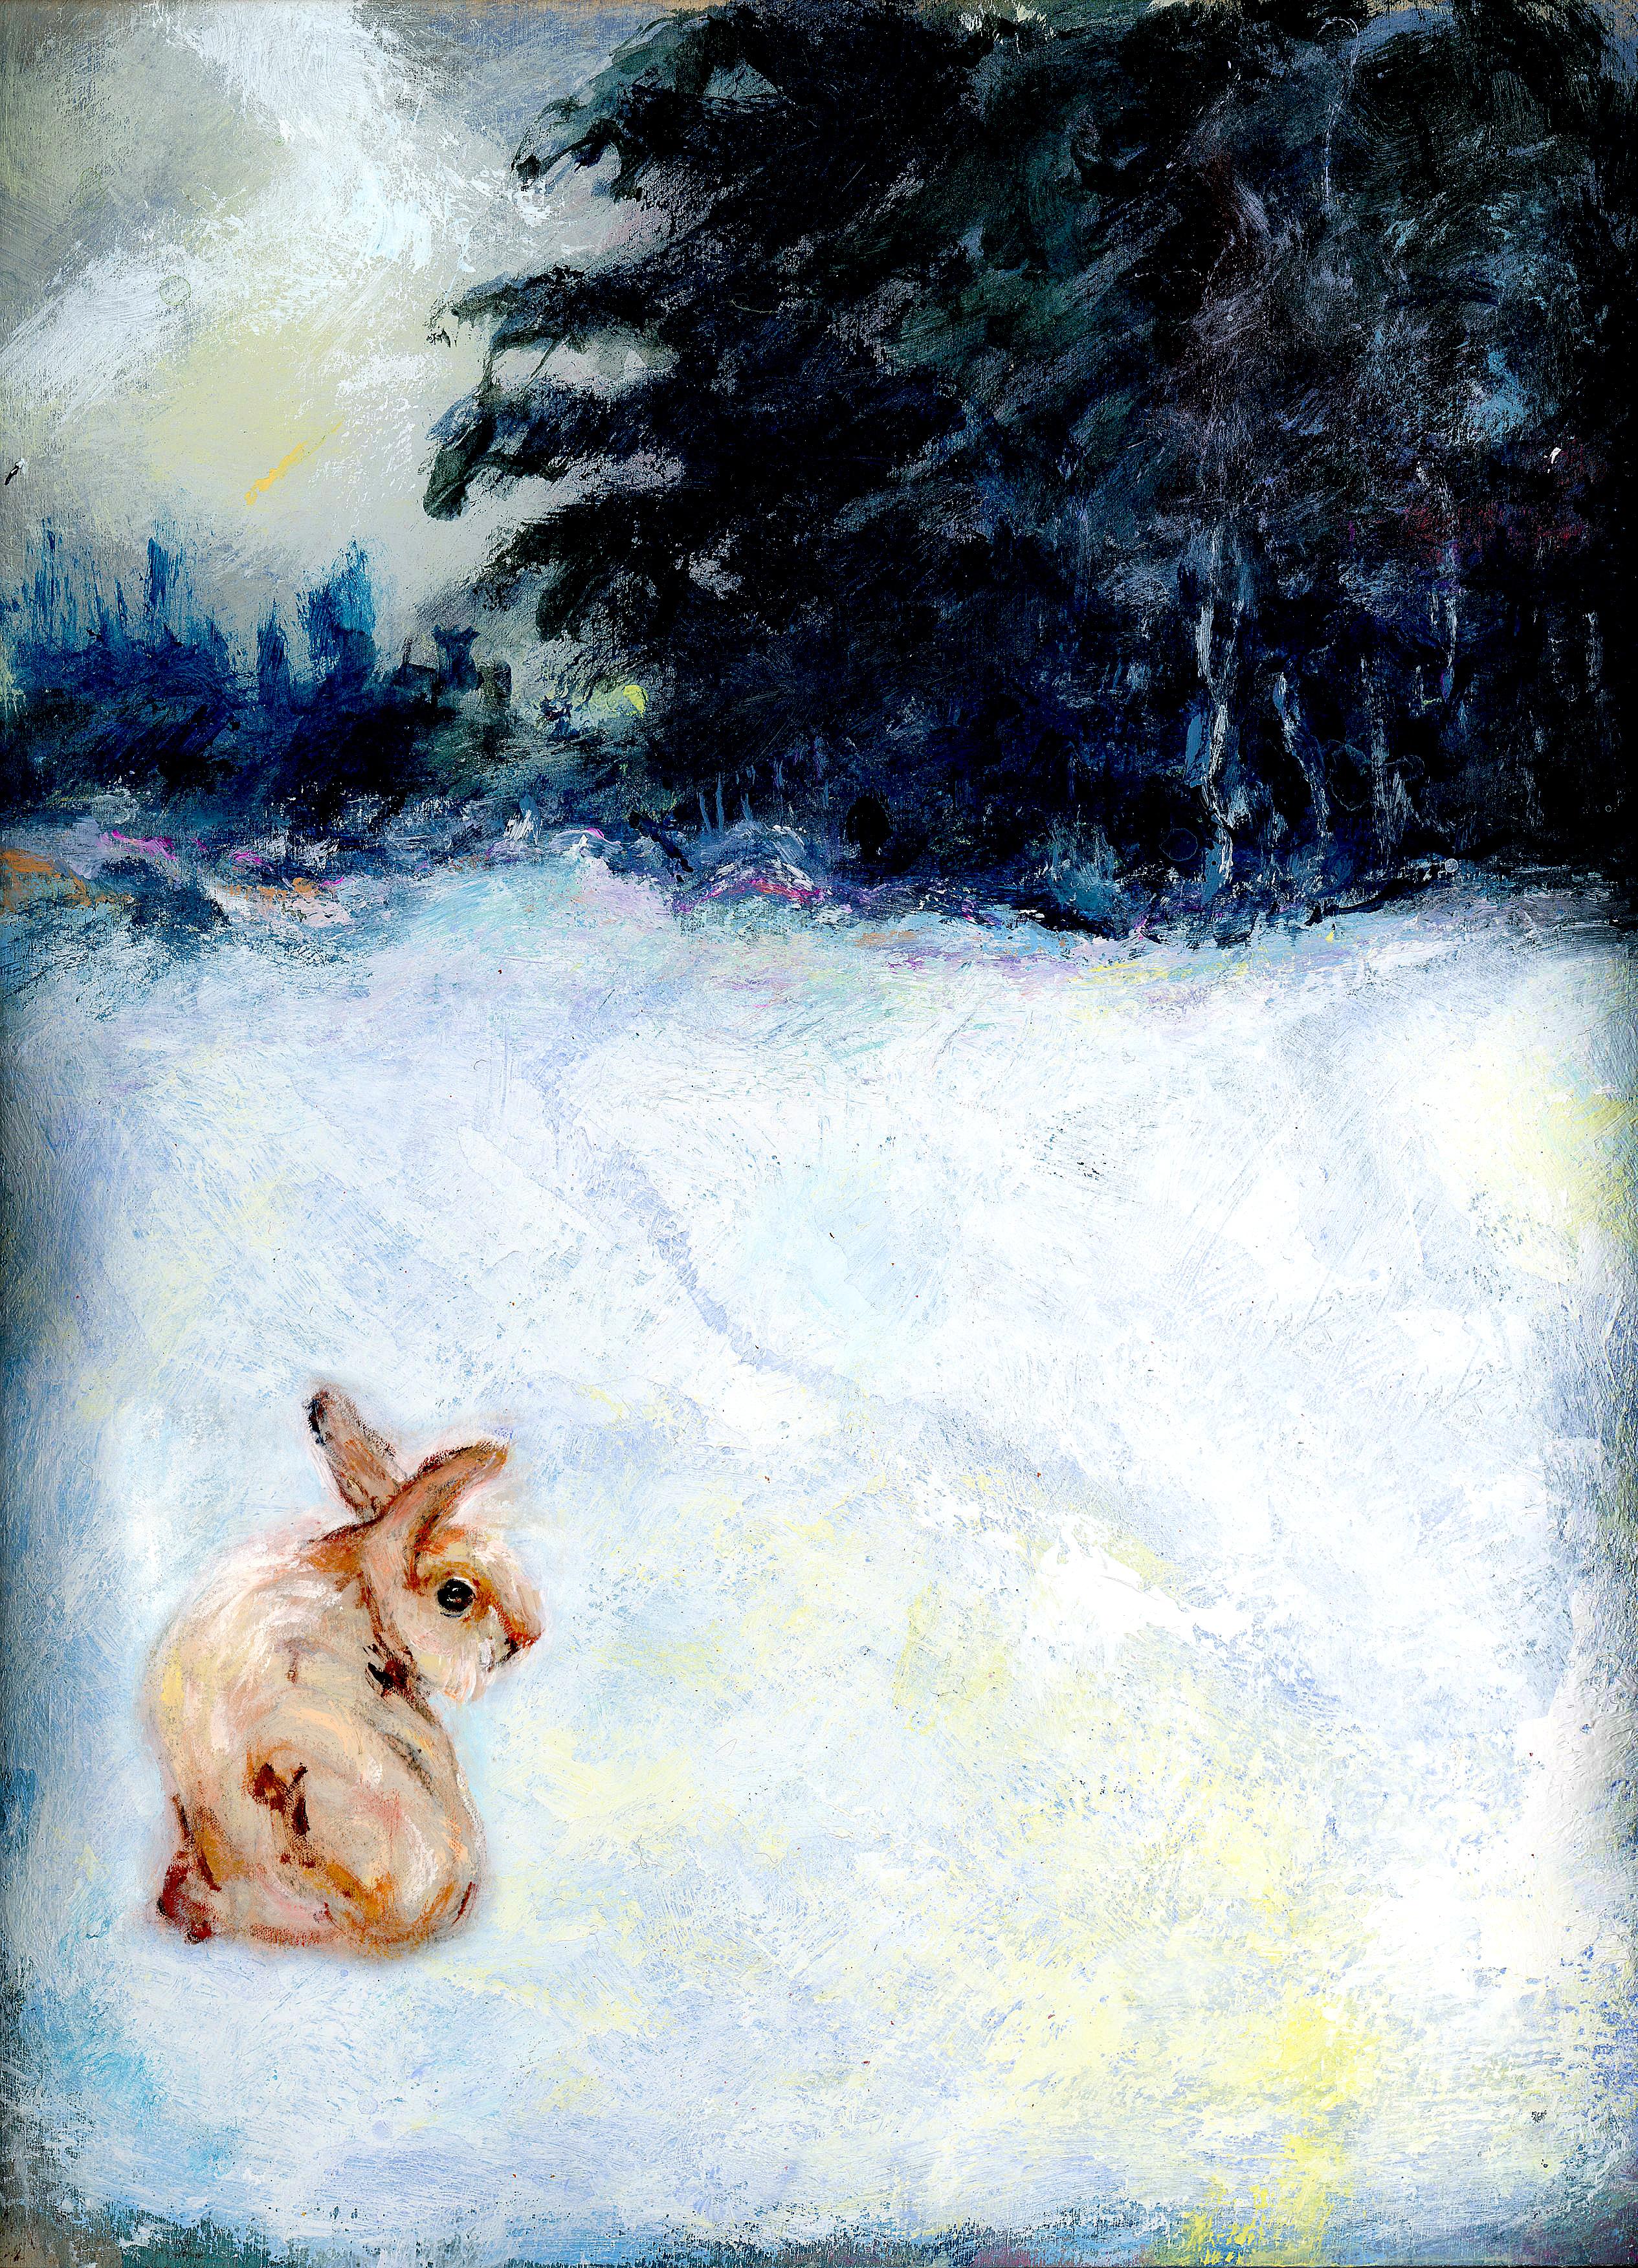 צעדים בשלג.jpg